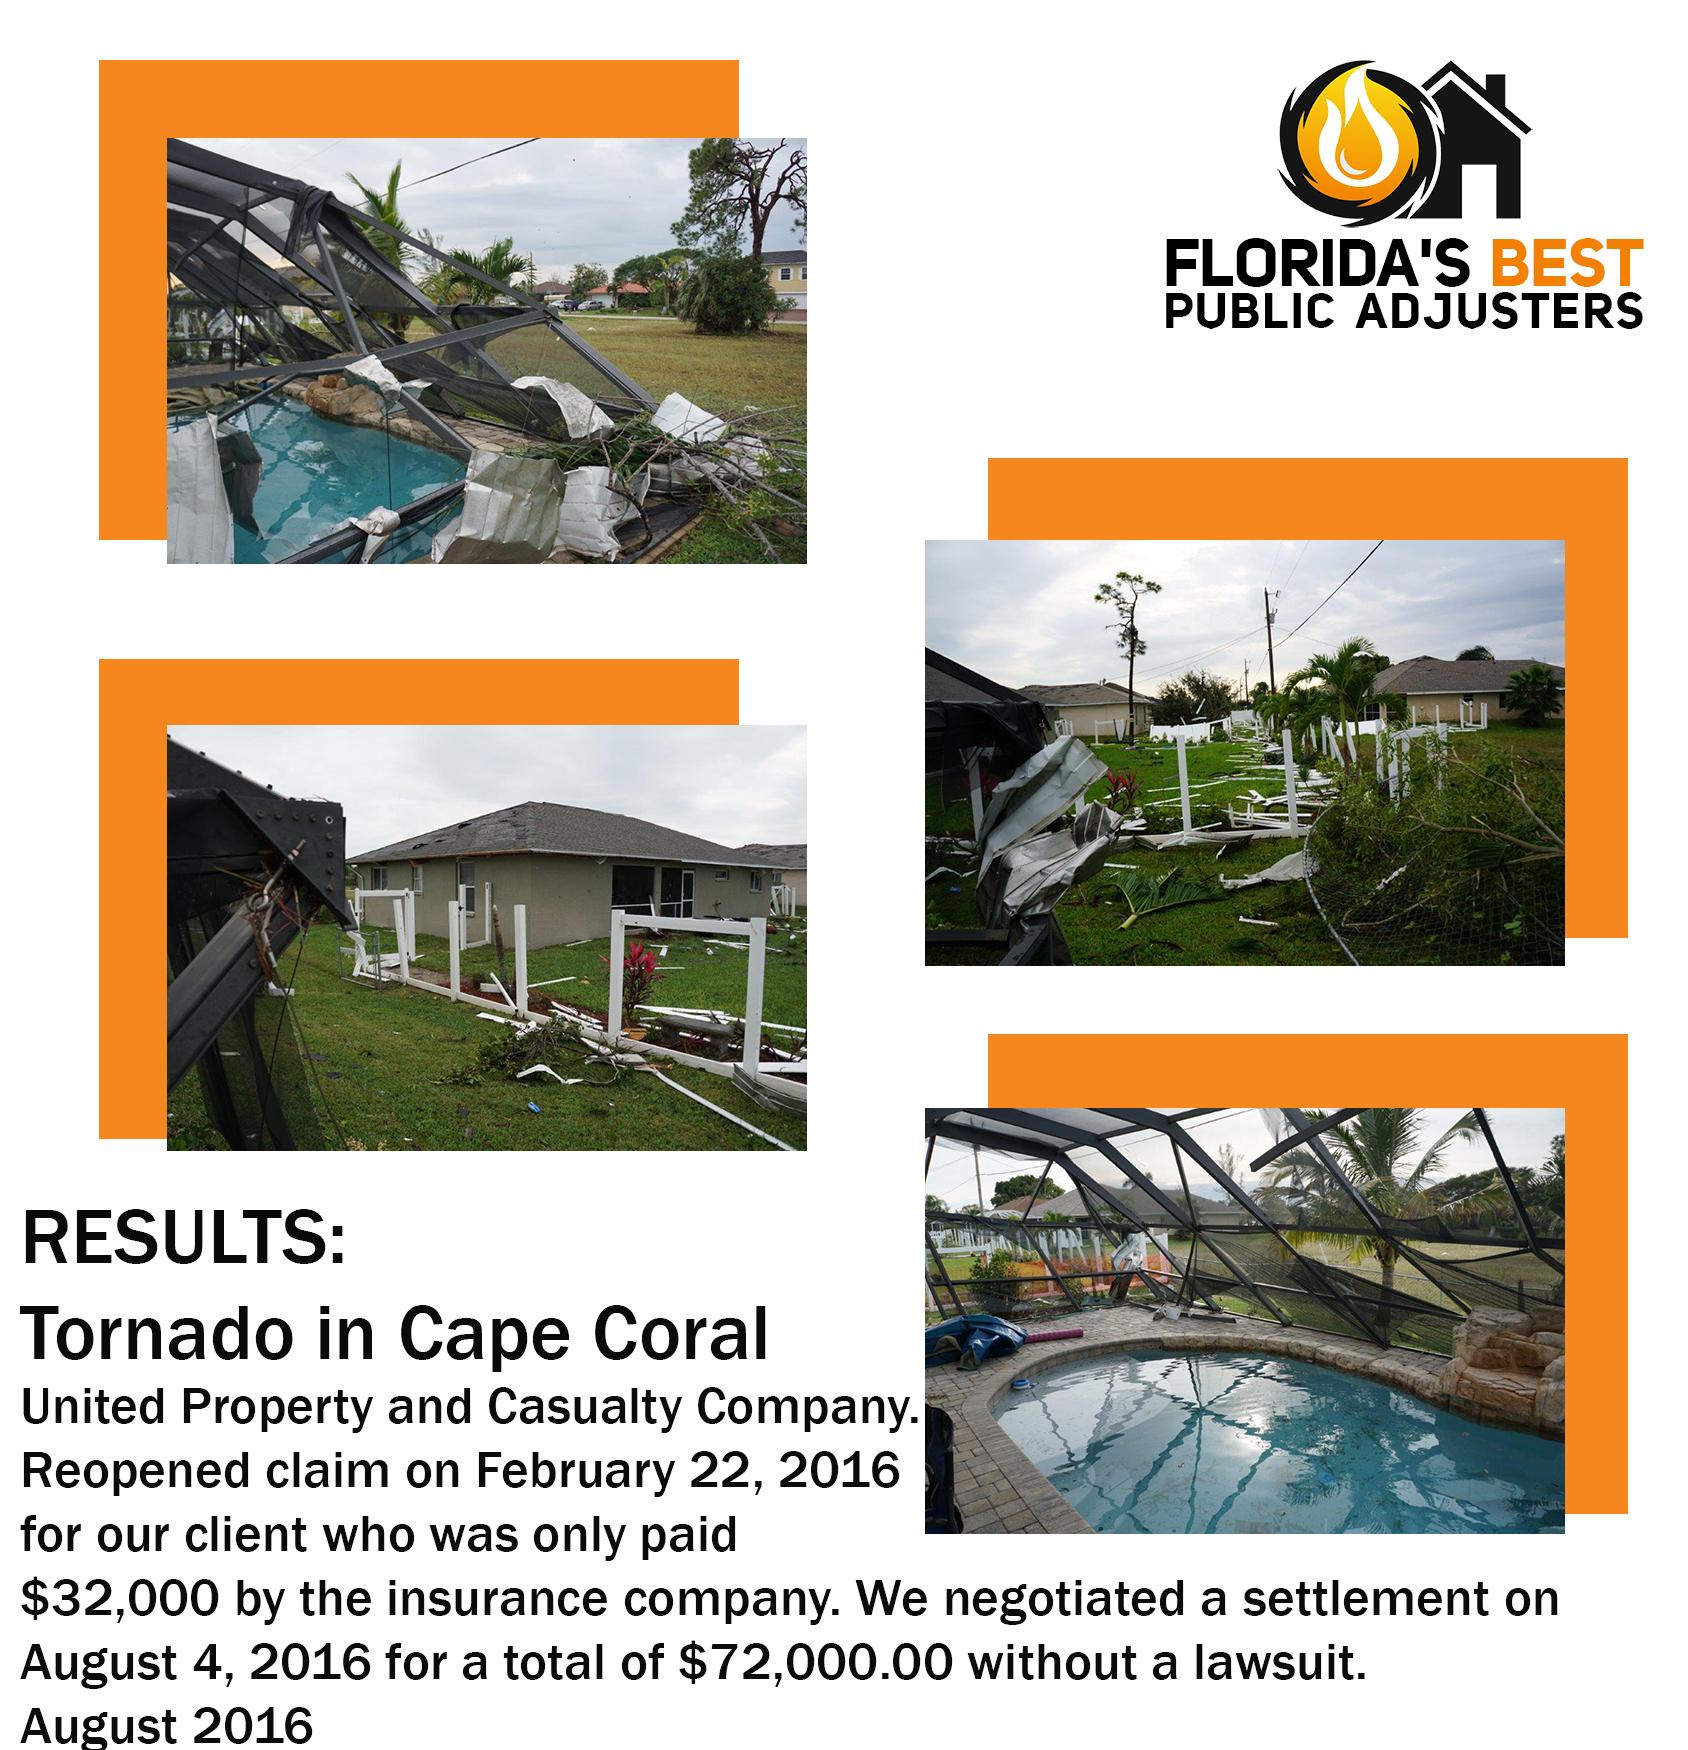 Tornado in Cape Coral